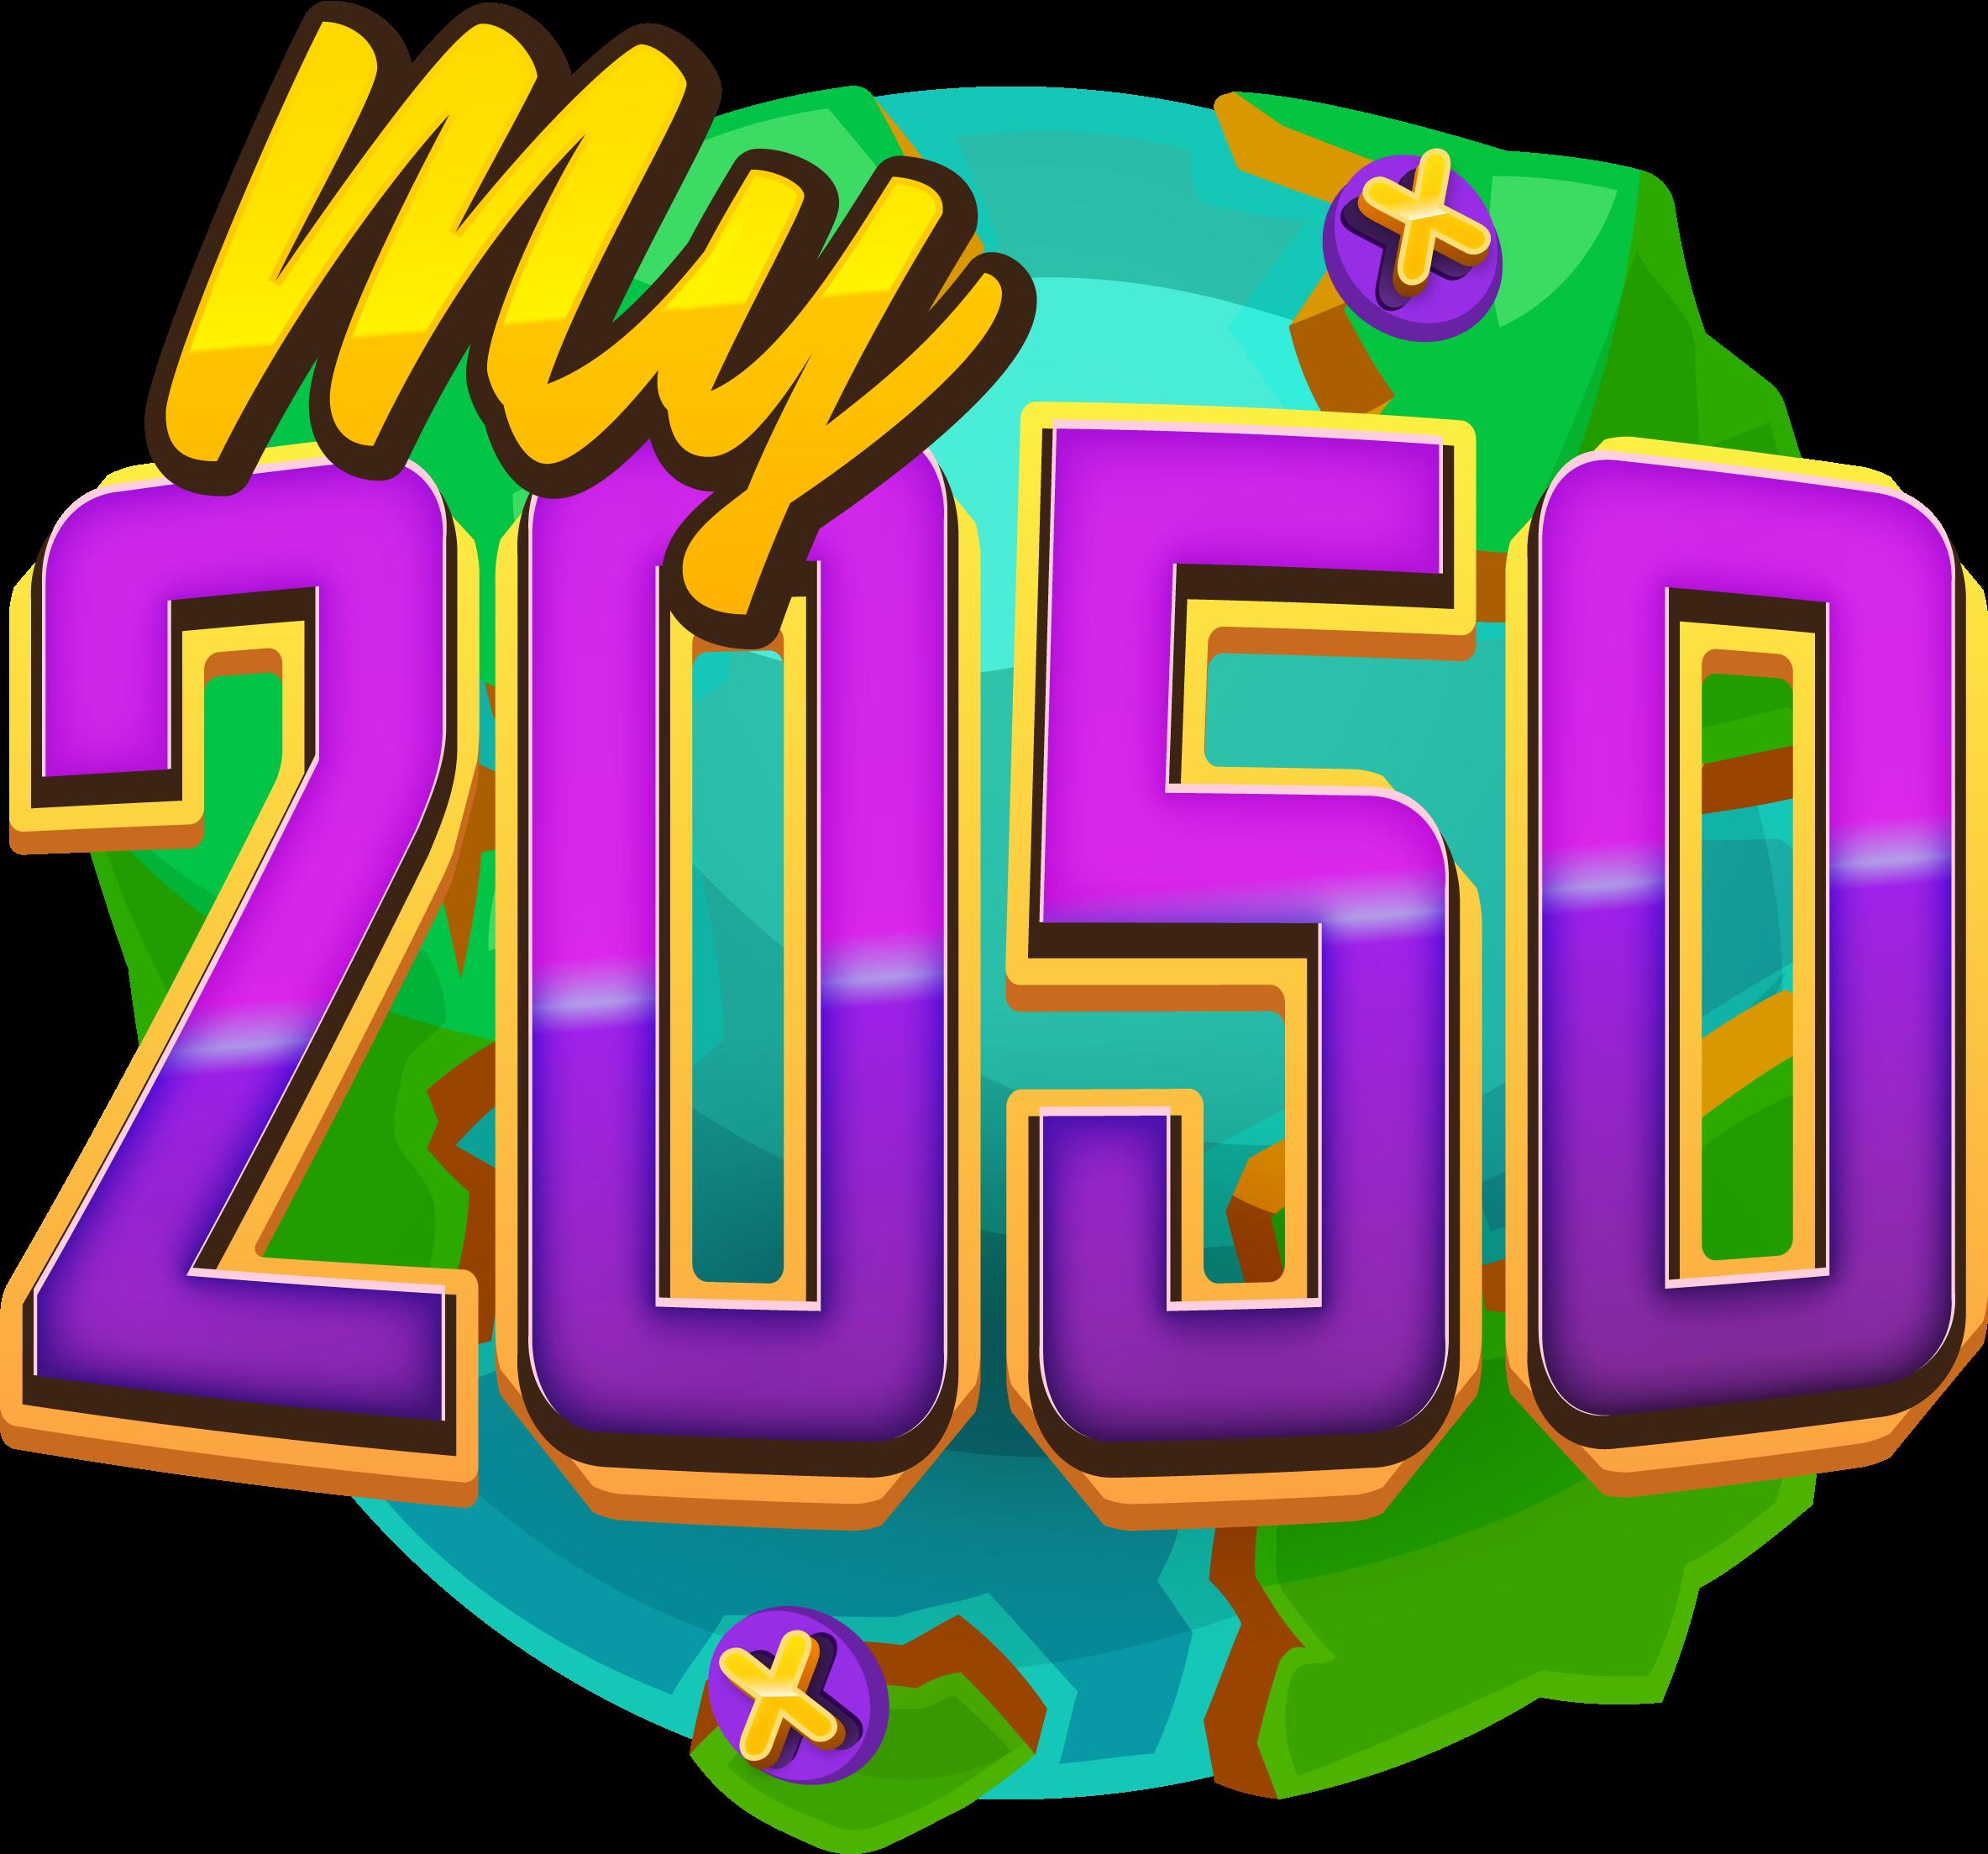 Pelaa My2050!